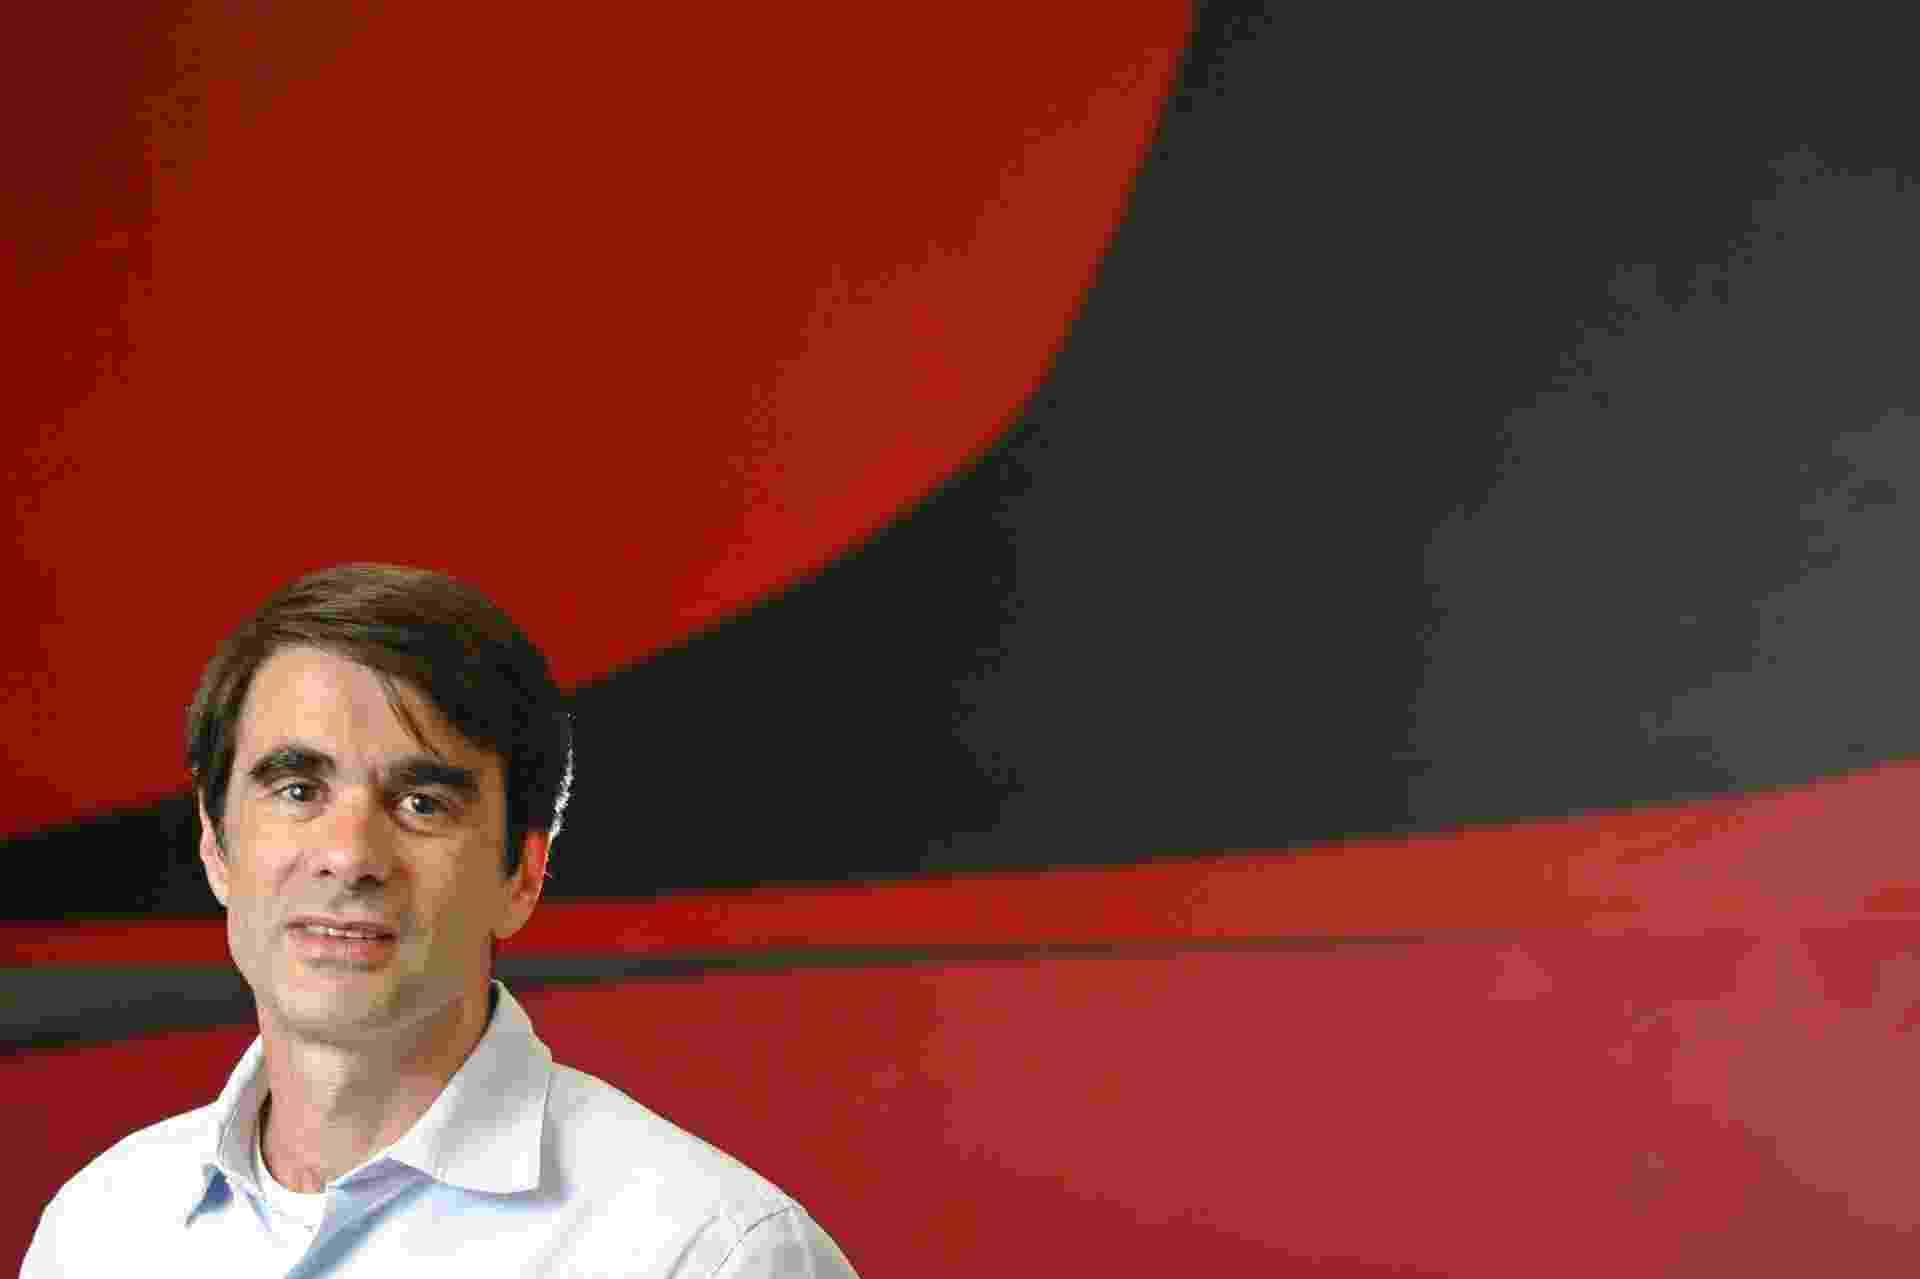 O documentarista Joao Moreira Salles concede entrevista na sede da produtora Videofilmes, no bairro da Gloria, zona sul do Rio, em 08 de agosto 2007, sobre seu novo filme Santiago, sobre o mordomo de sua famila. - Rafael Andrade/Folhapress